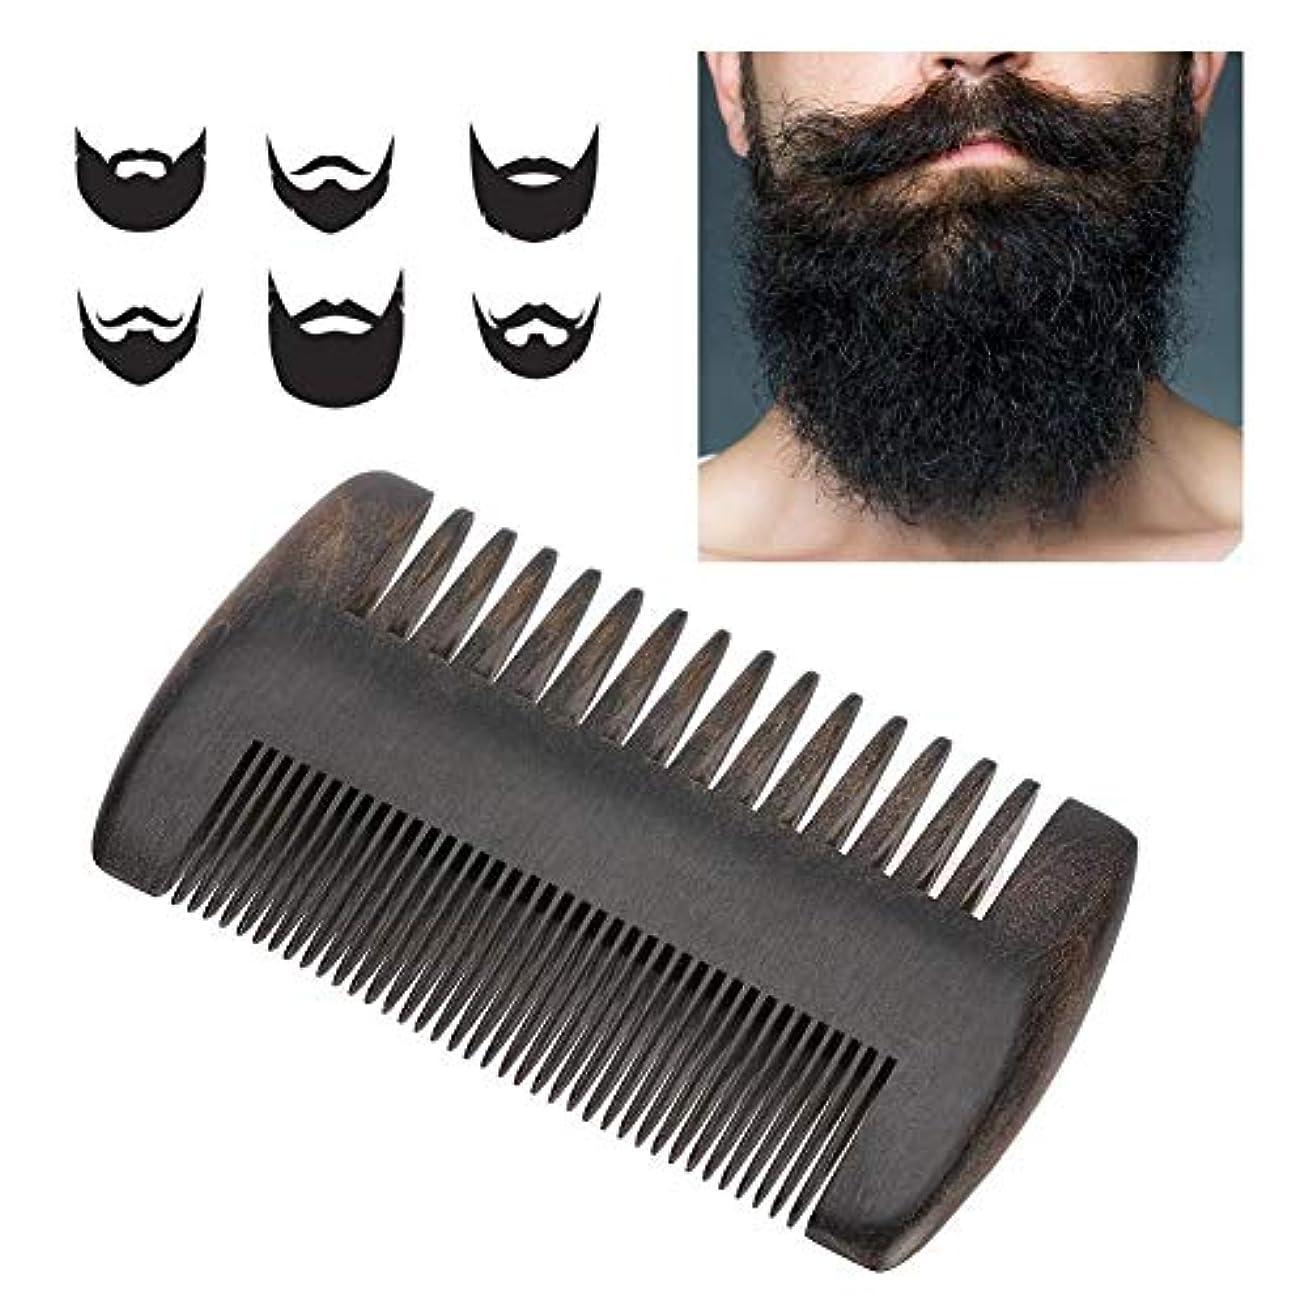 余分な宣教師慣習メンズひげの櫛、耐久性のある帯電防止木製ポケット口ひげの櫛は実用的なデザインの細かい目と粗い歯があり、形を整えるために黒いPUケースが付属しています、ひげ油とペアにすることができます